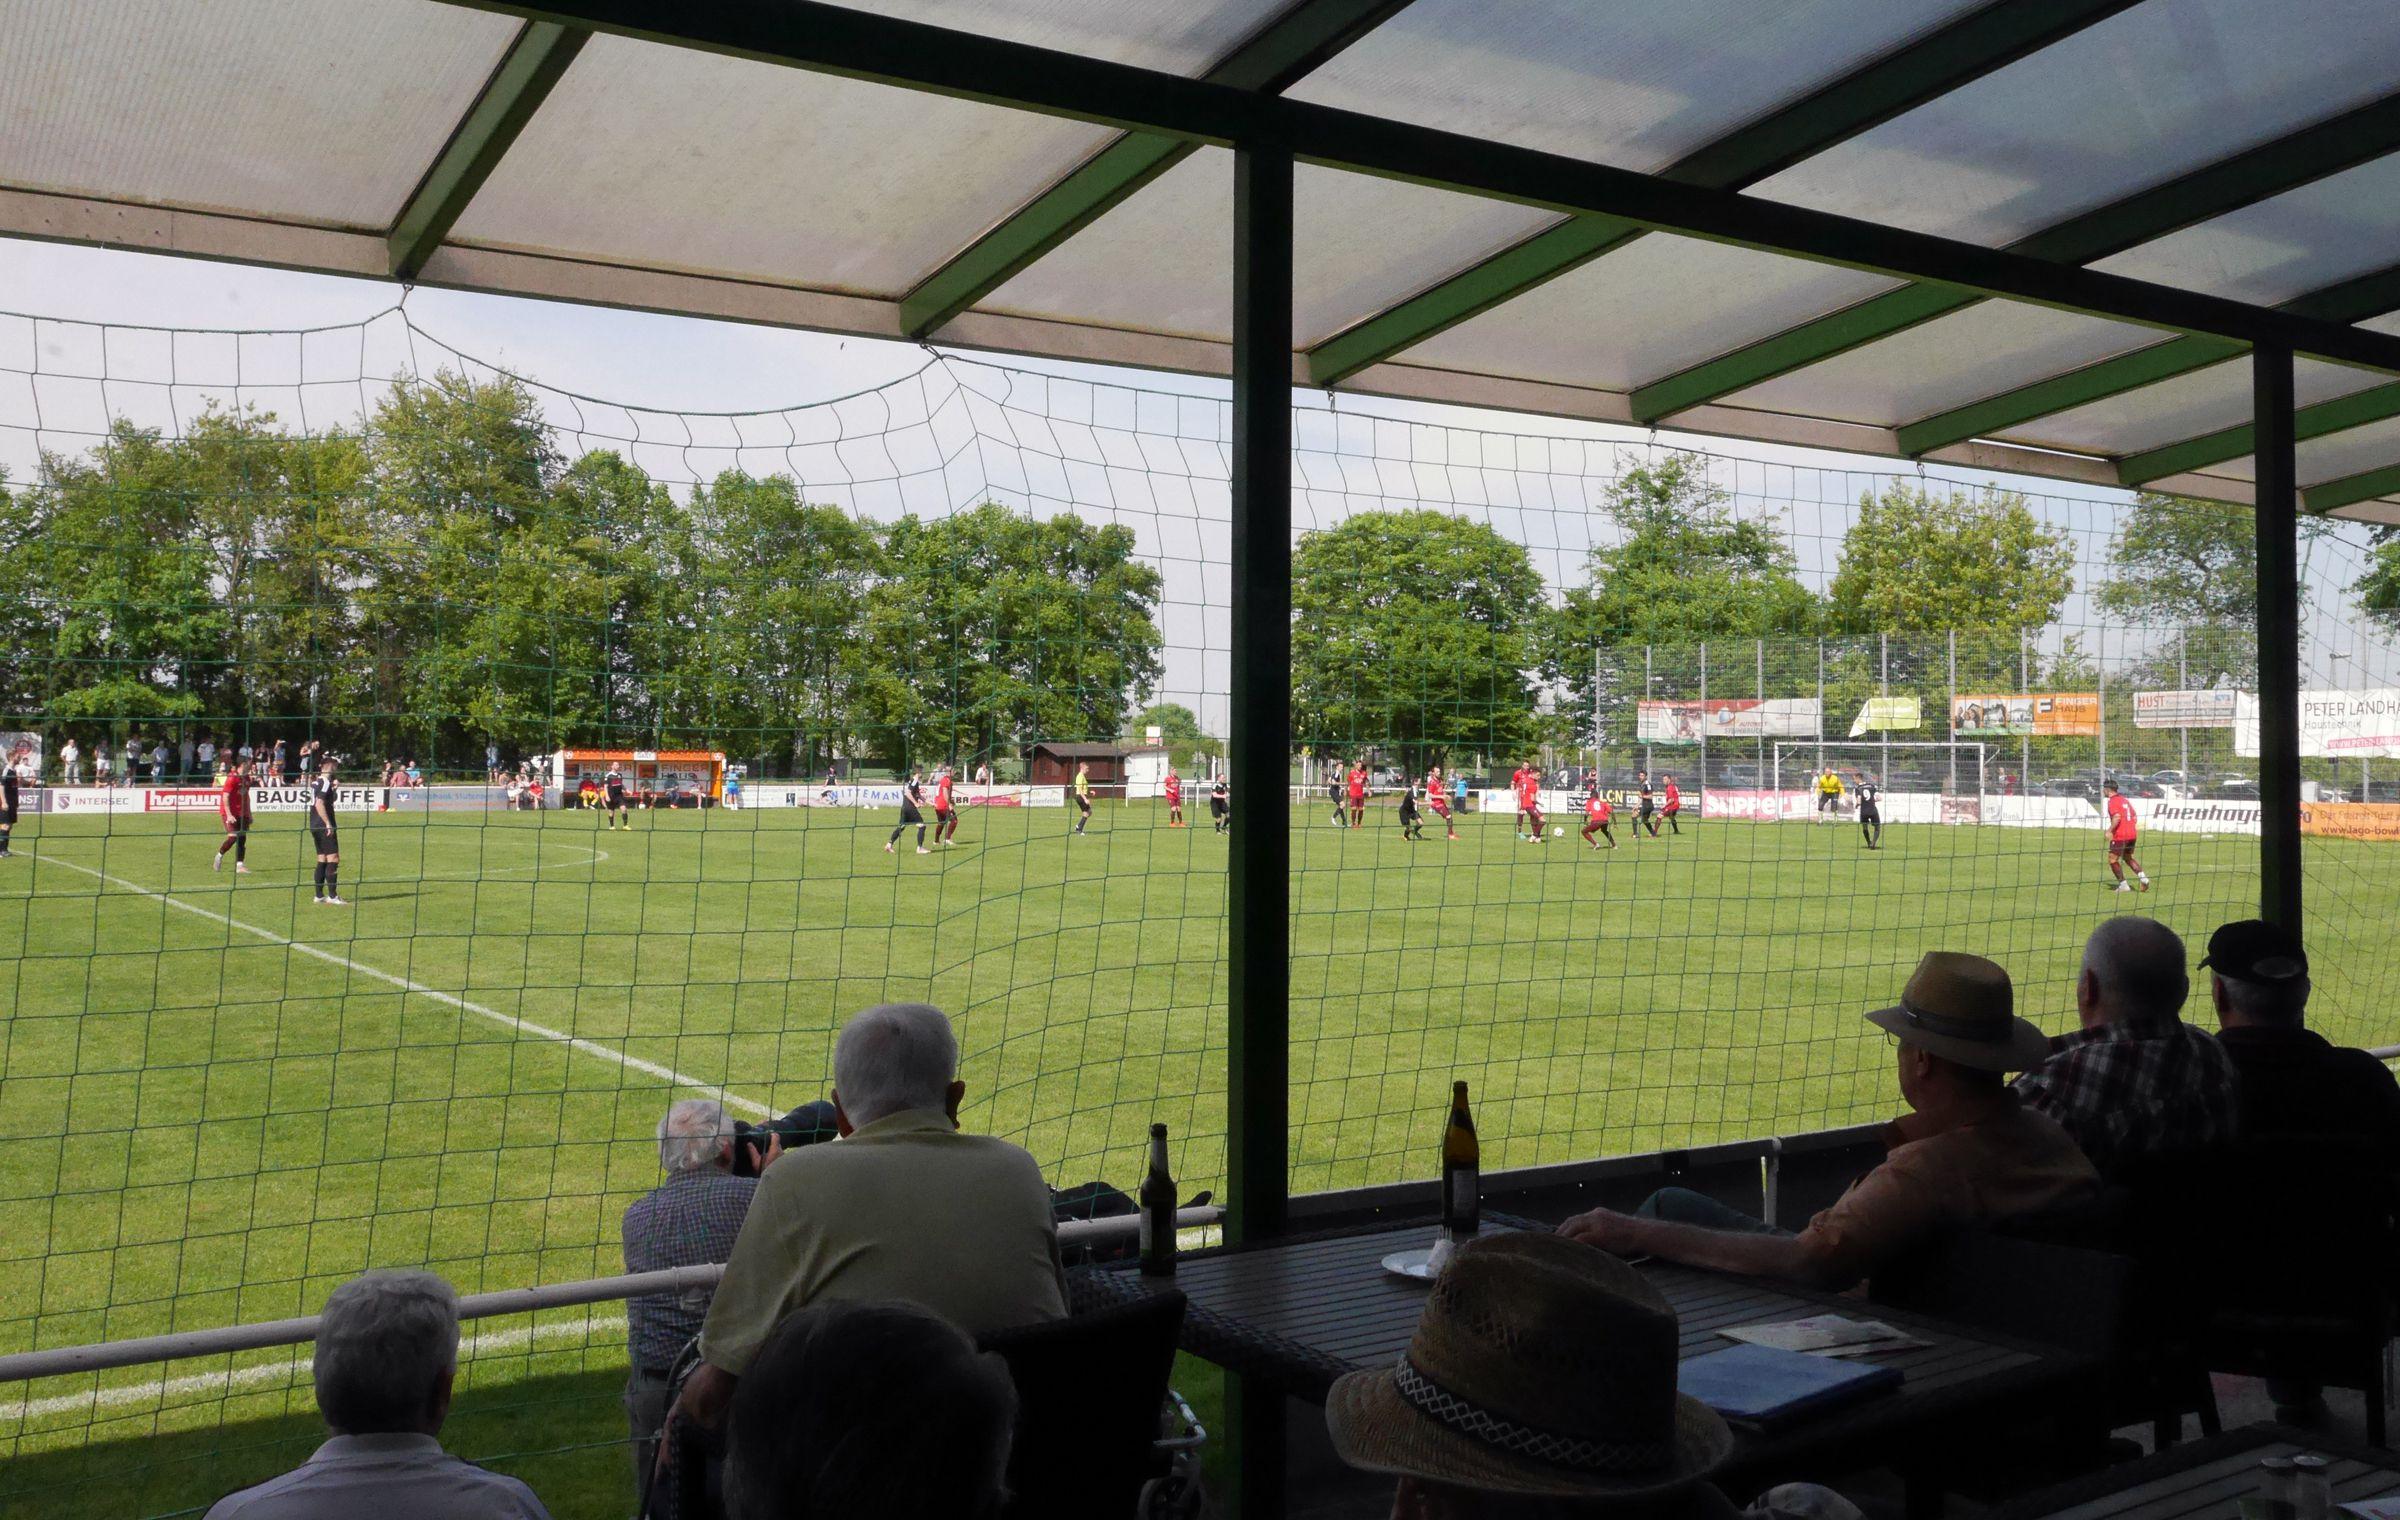 Im Schatten mit einem Bier Fußball schauen…